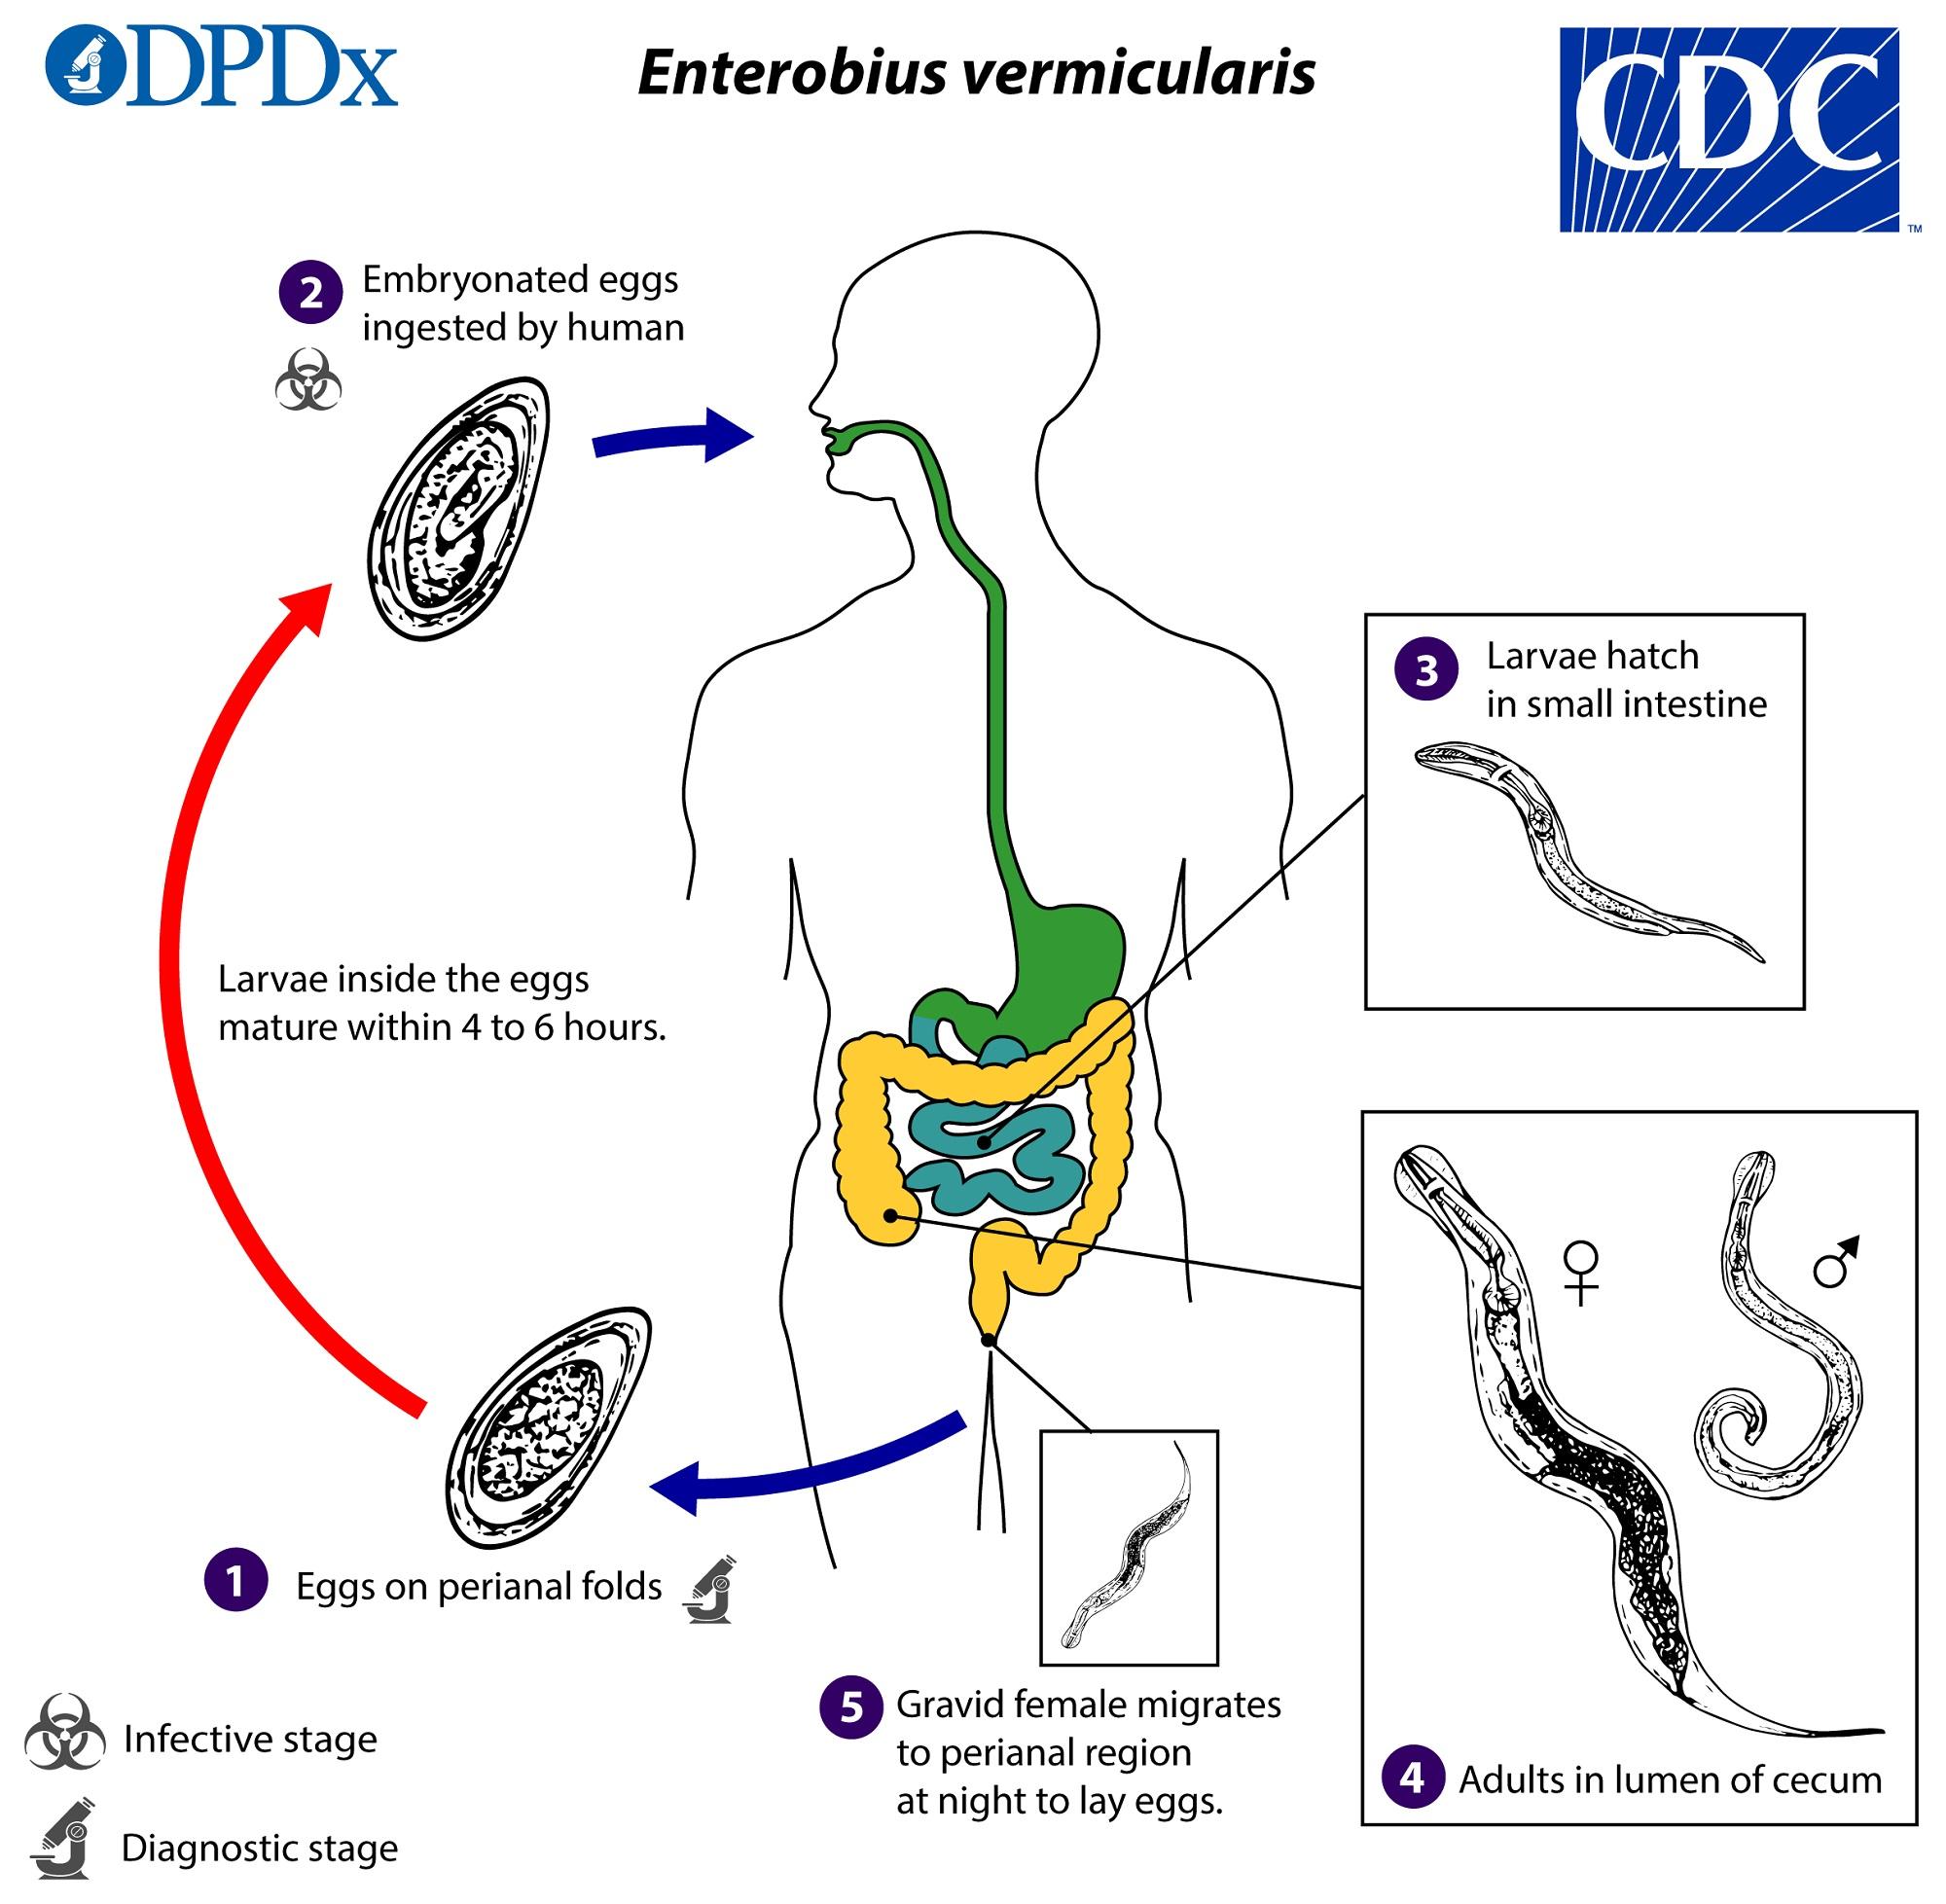 enterobiasis vagy enterobius